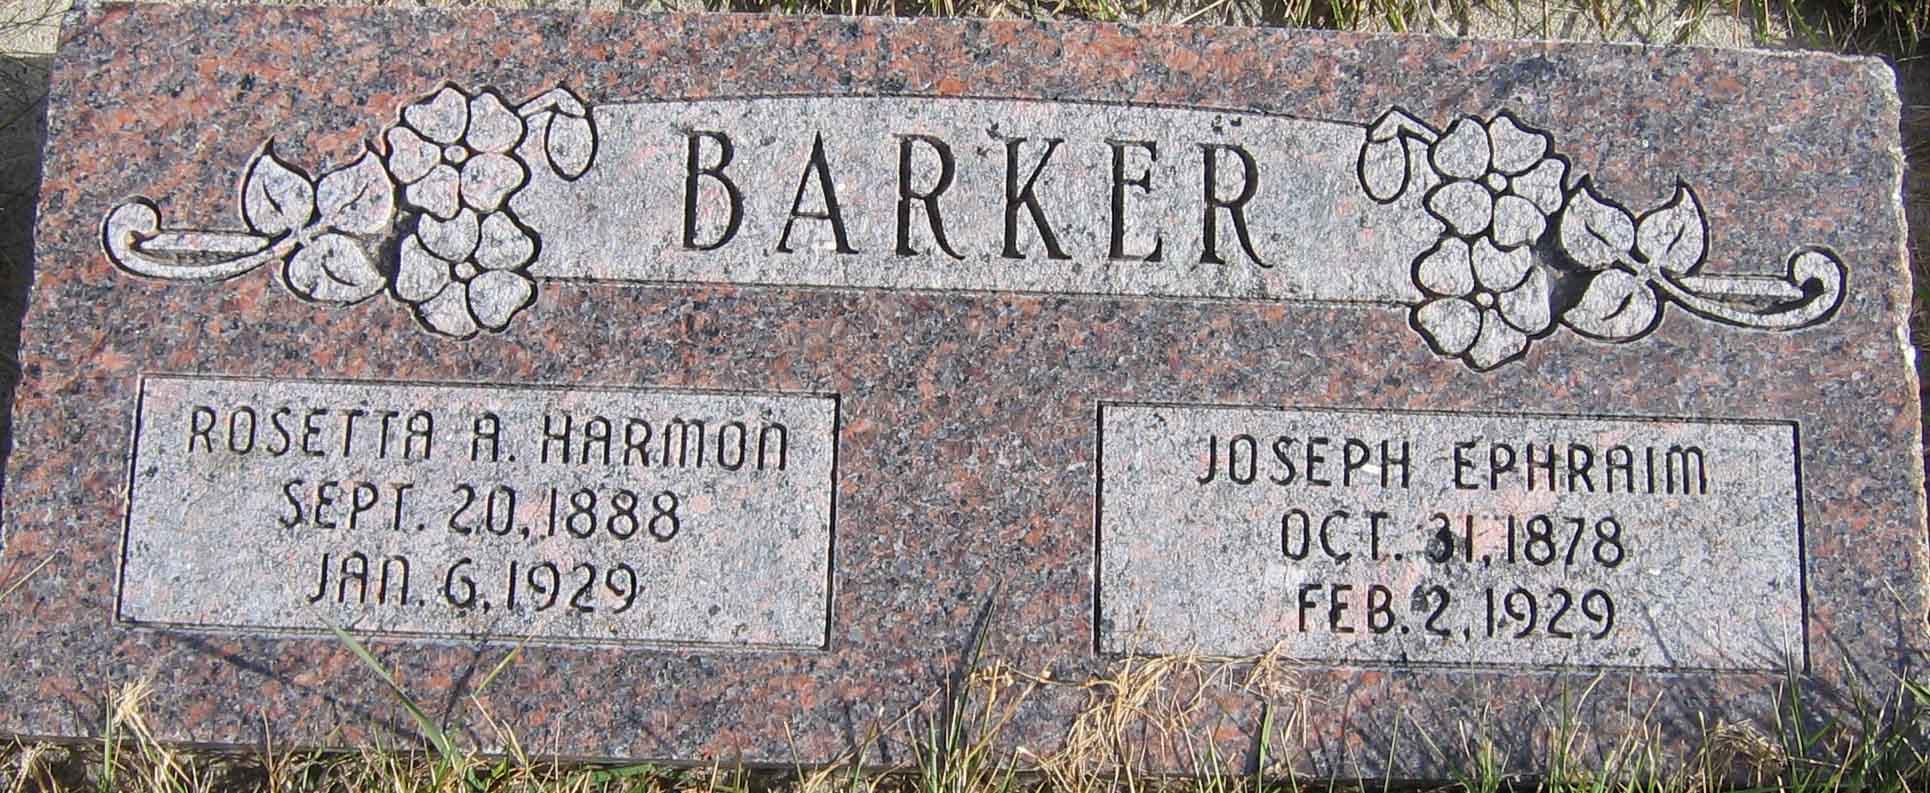 Joseph Ephraim Barker